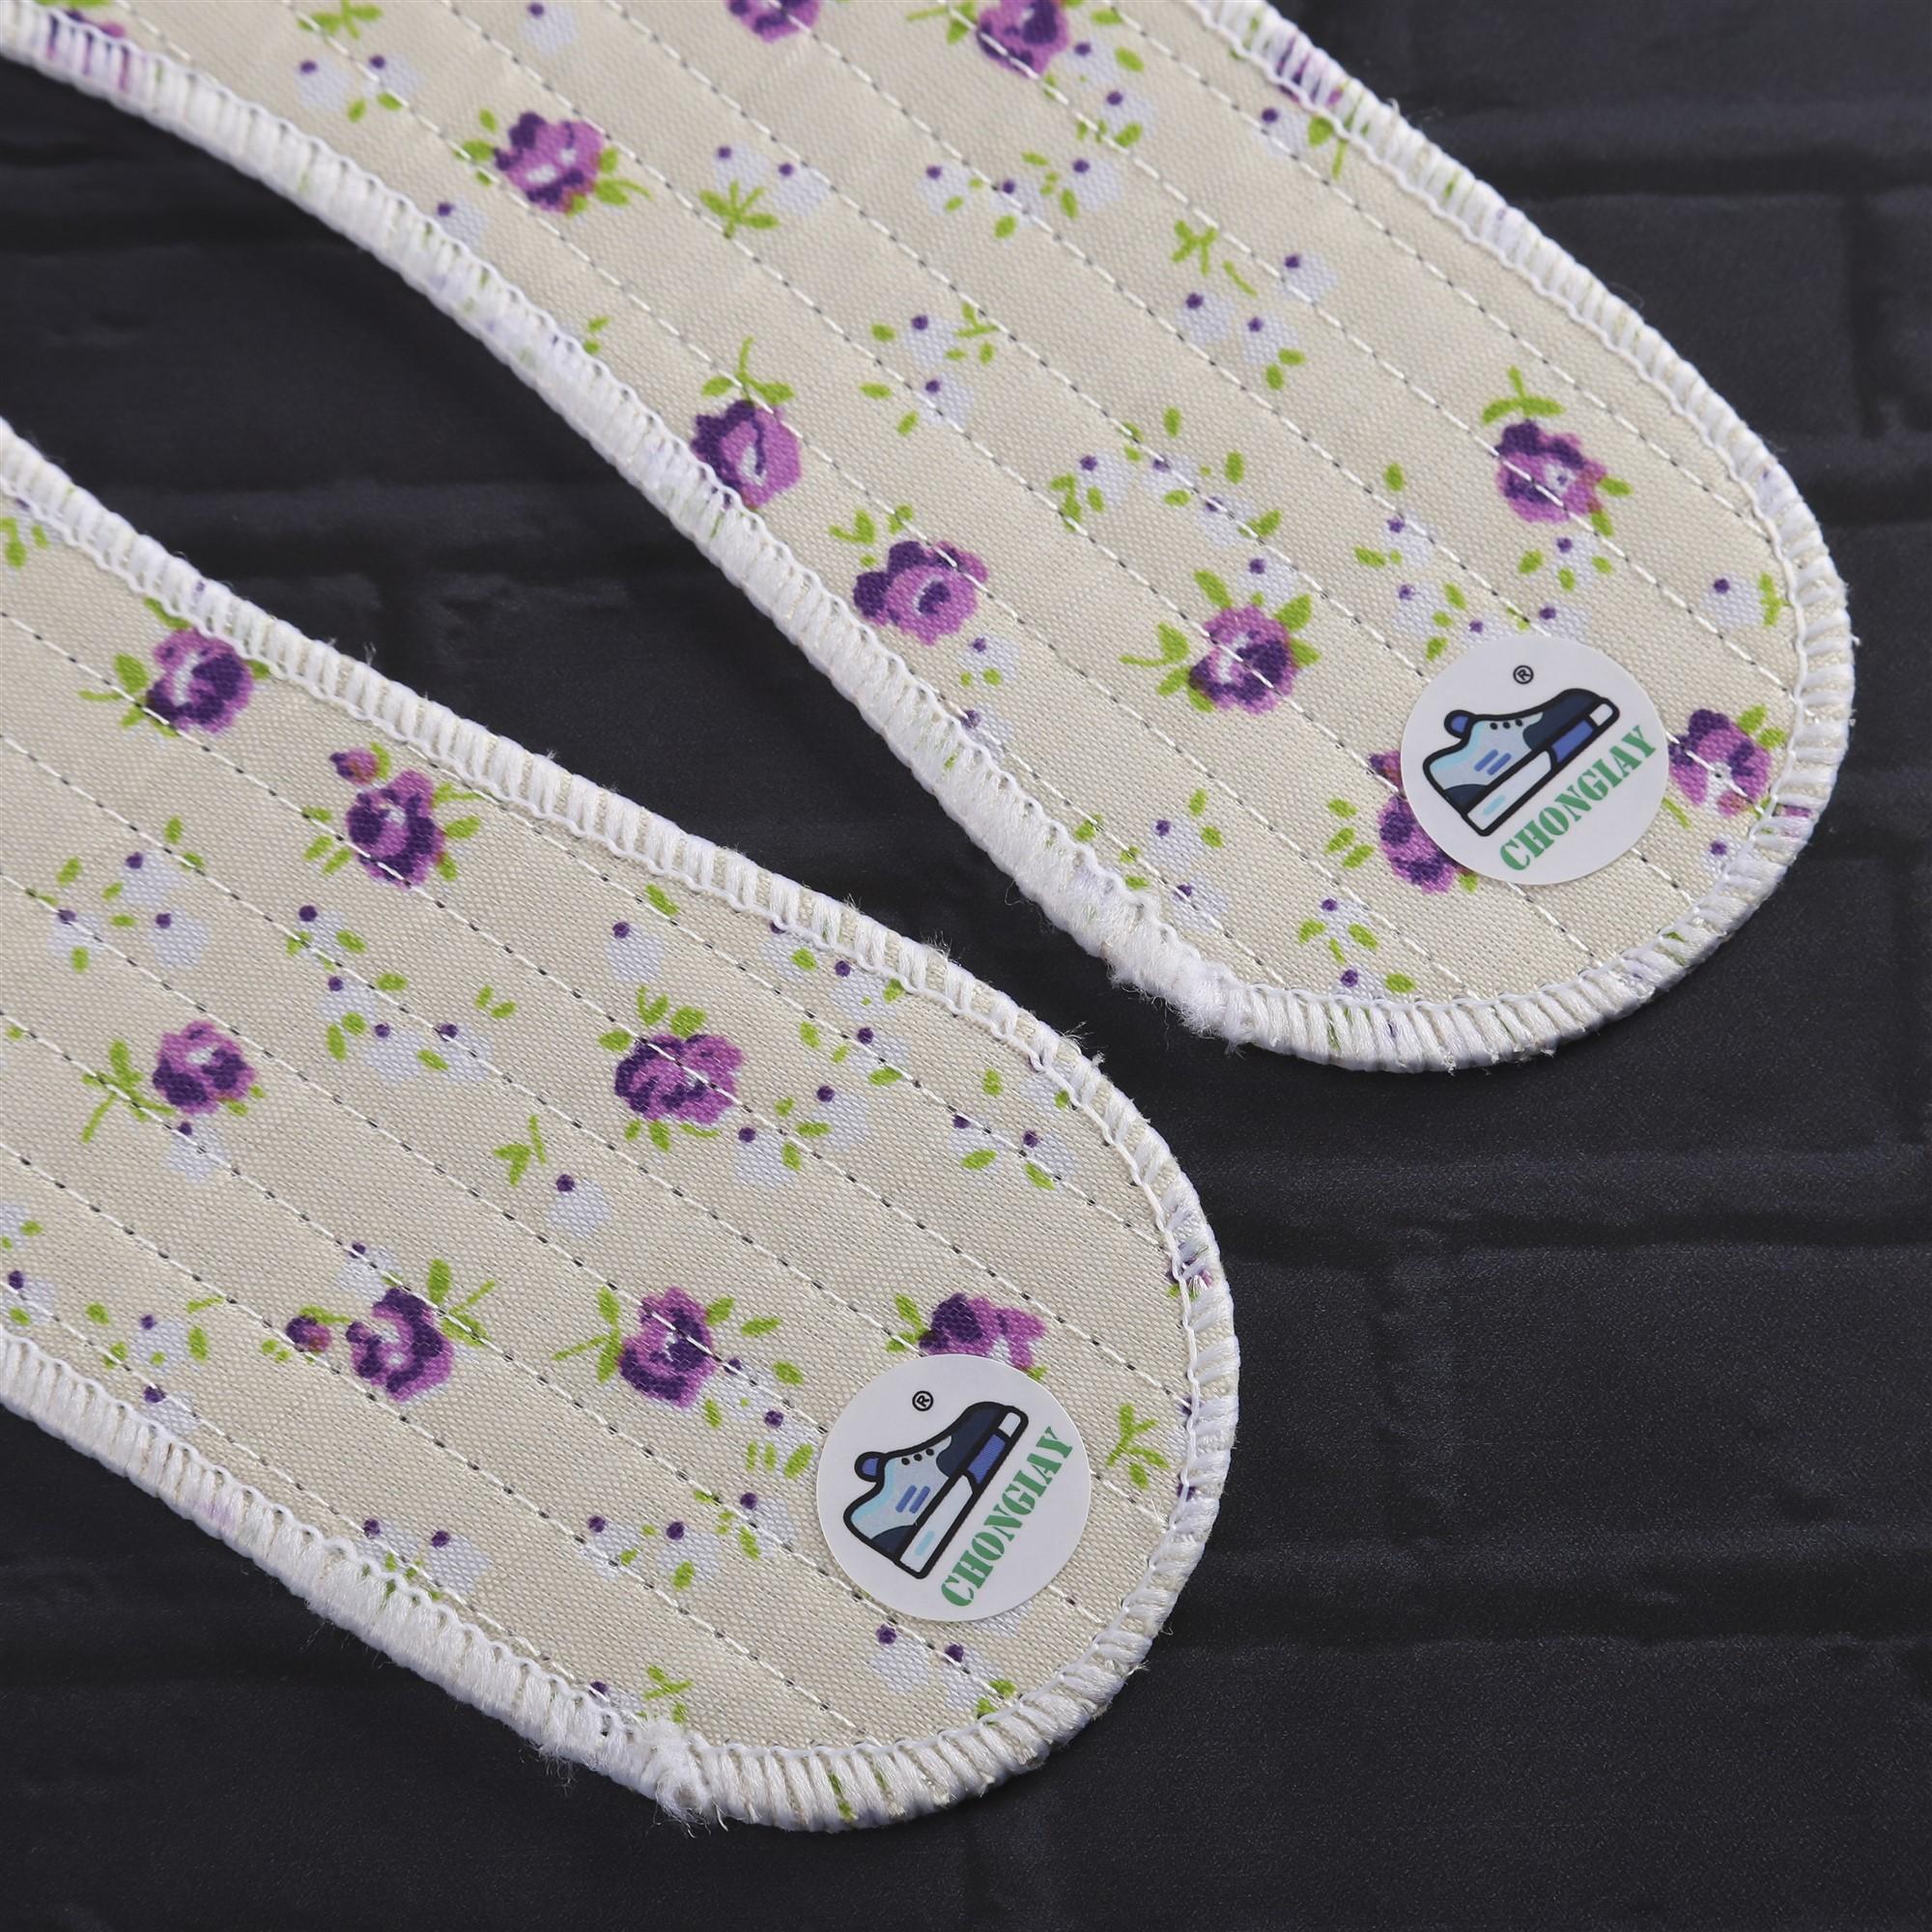 Cặp lót giày vải hoa LOT6 CHONGIAY êm chân hút ẩm cao